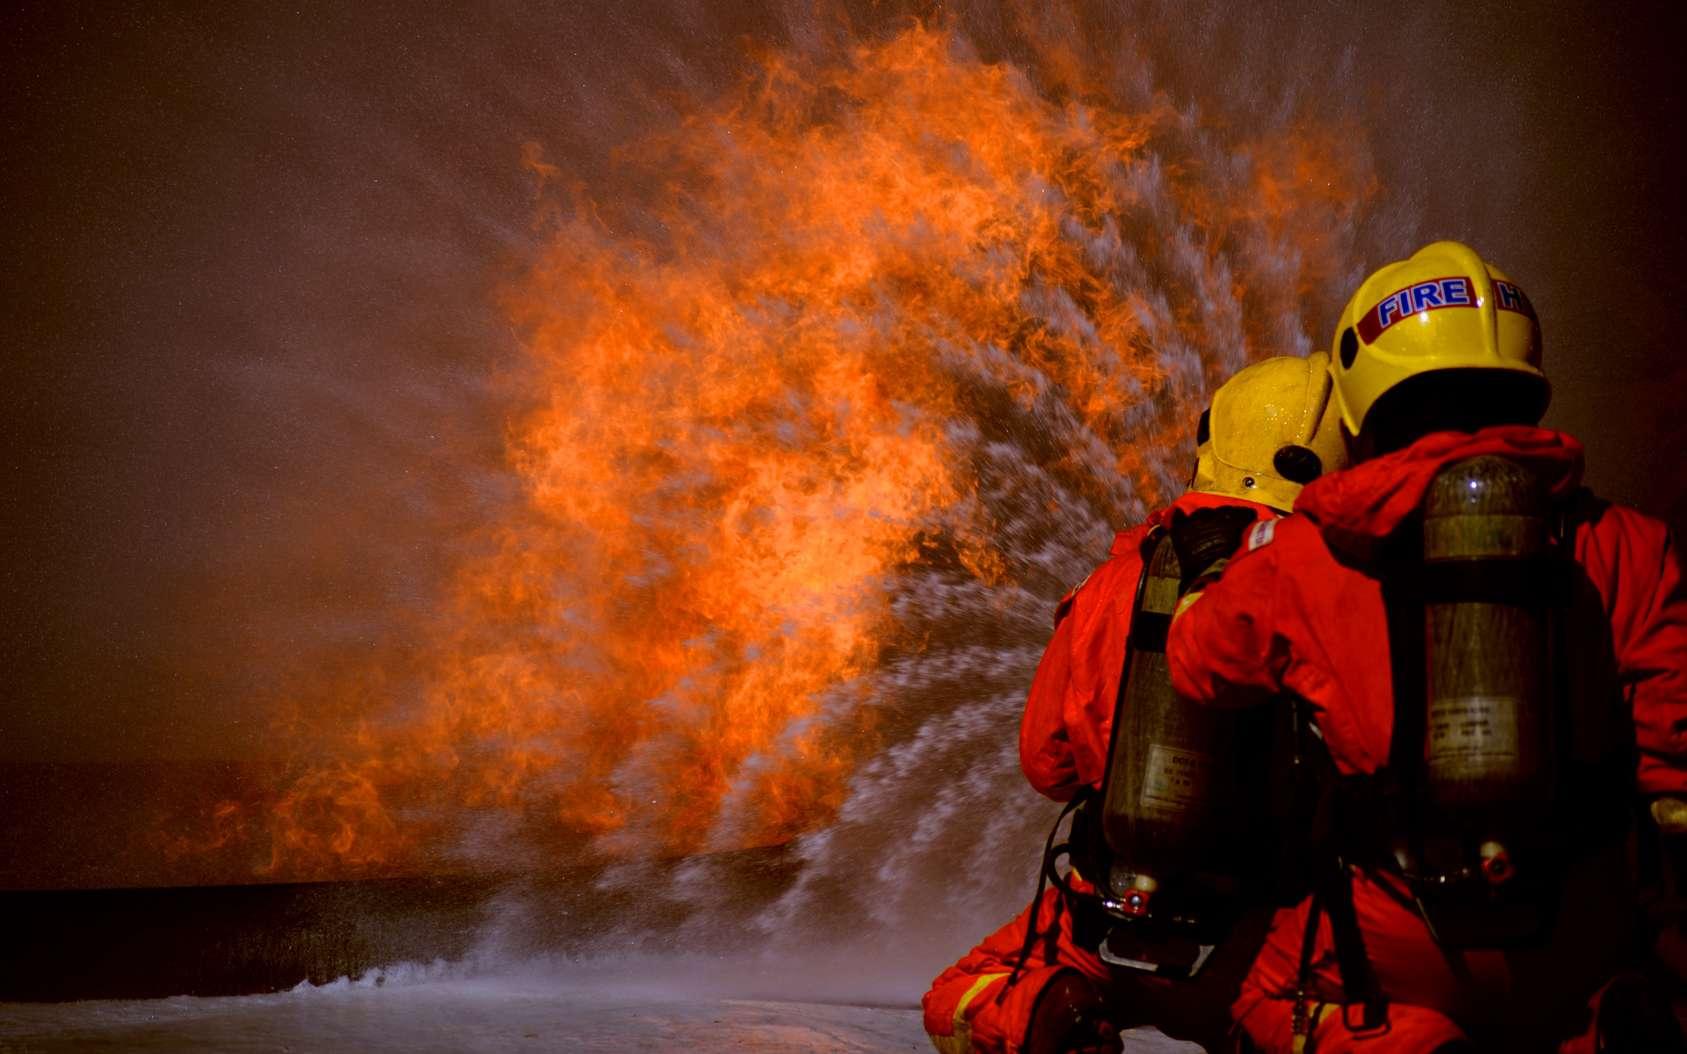 L'eau éteint le feu en l'étouffant et en le refroidissant. © PeterO, fotolia